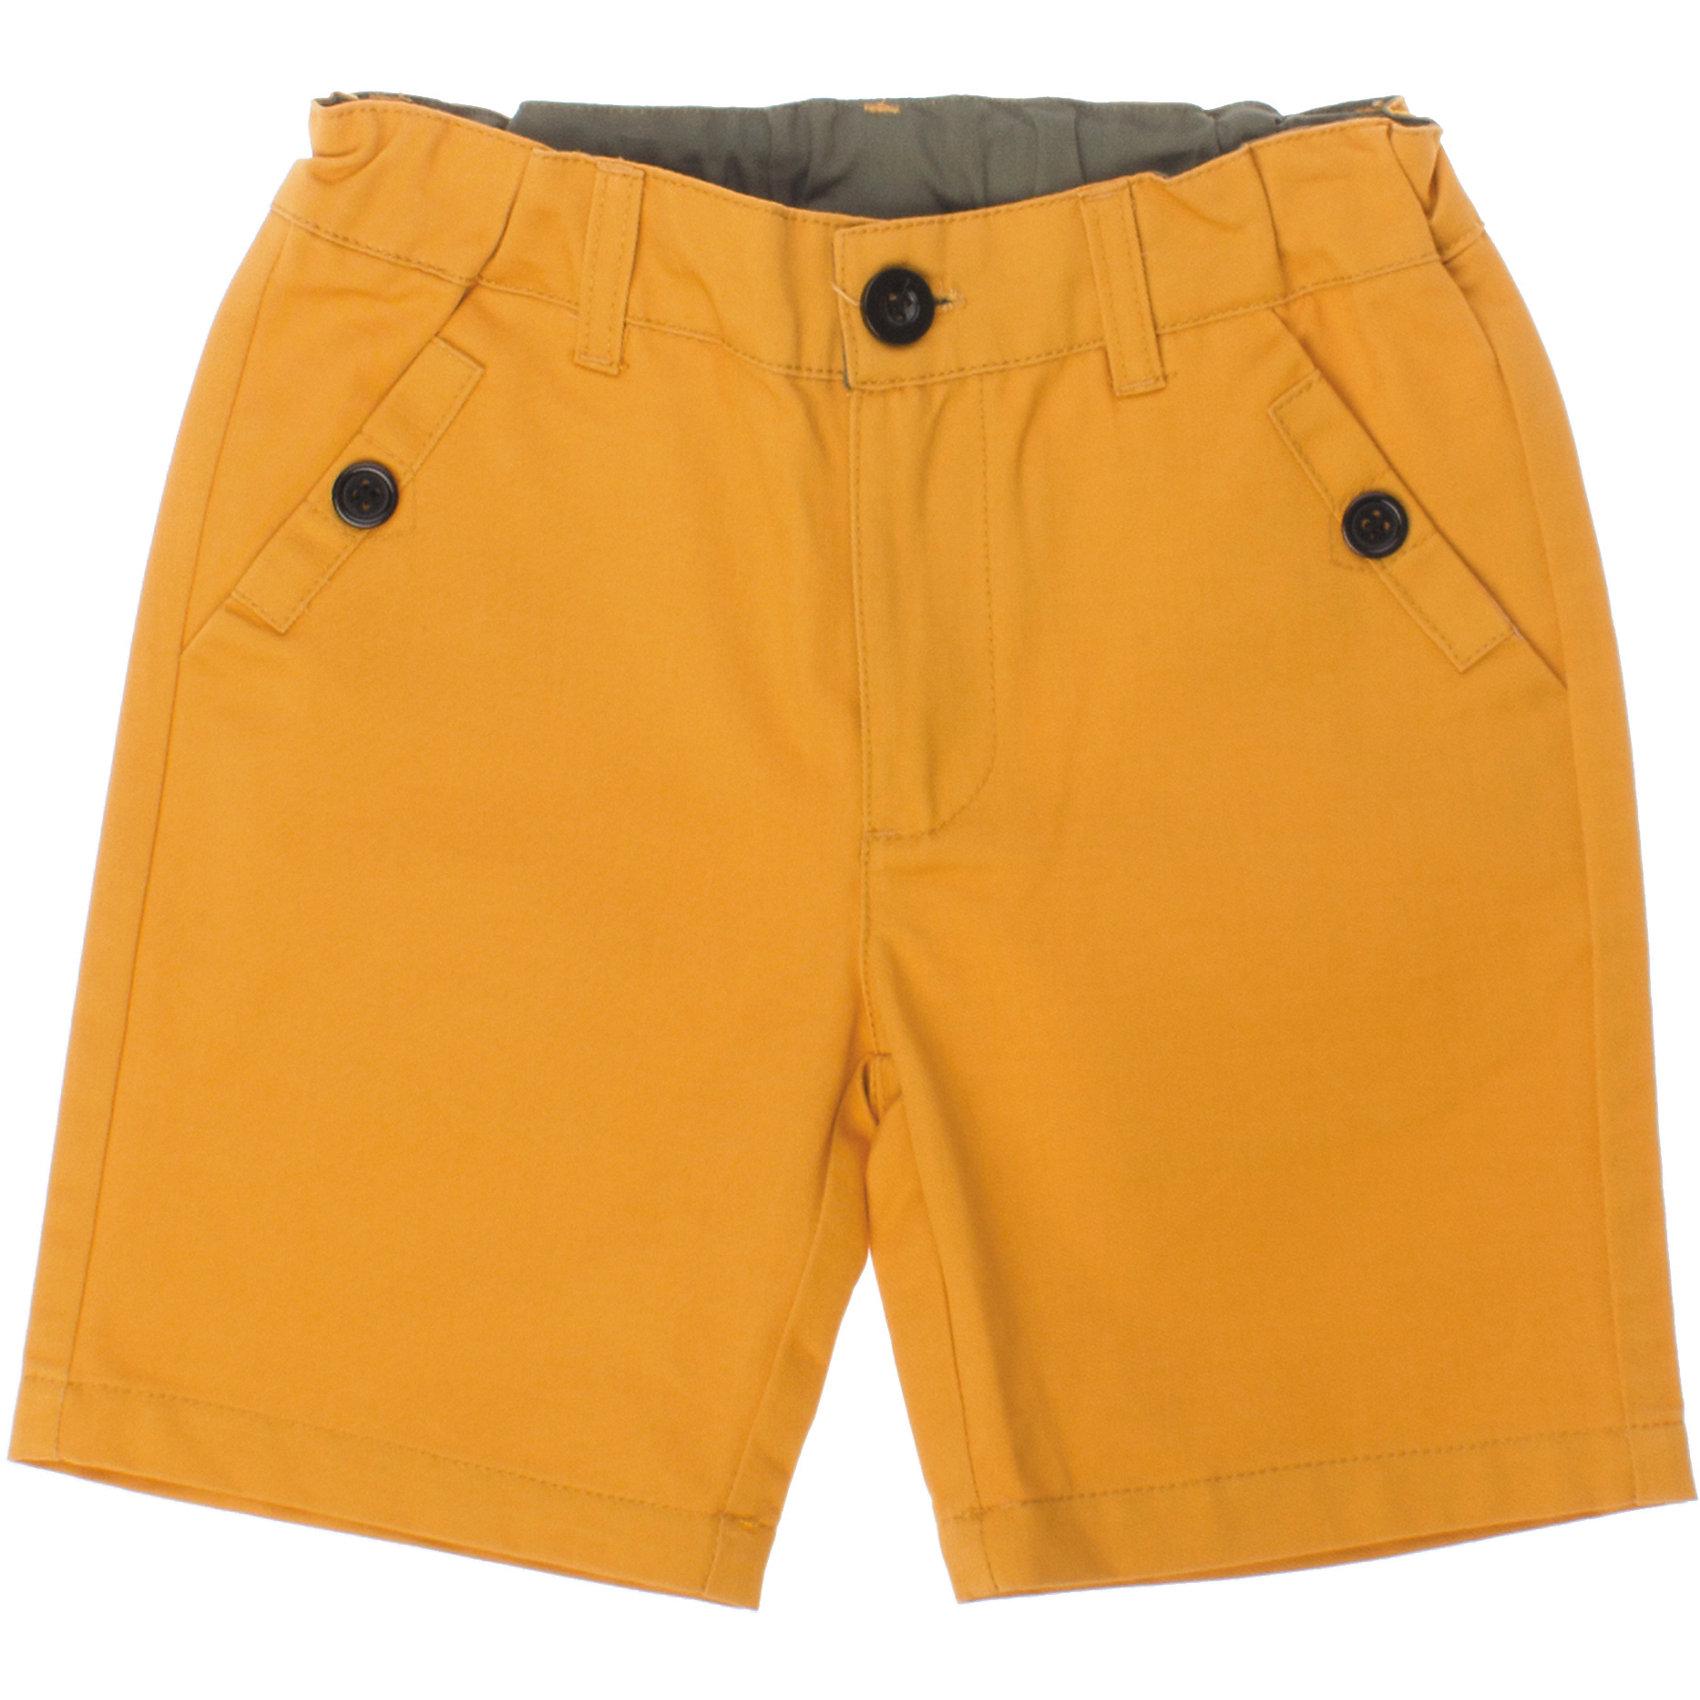 Шорты для мальчика PlayTodayЯркие хлопковые шорты поднимут настроение маленькому первооткрывателю. Есть два глубоких кармана. Застегиваются на молнию и металлическую пуговку. Сзади - декоративные кармашки. Состав: 100% хлопок<br><br>Ширина мм: 191<br>Глубина мм: 10<br>Высота мм: 175<br>Вес г: 273<br>Цвет: желтый<br>Возраст от месяцев: 84<br>Возраст до месяцев: 96<br>Пол: Мужской<br>Возраст: Детский<br>Размер: 122,116,110,104,98,128<br>SKU: 4652442